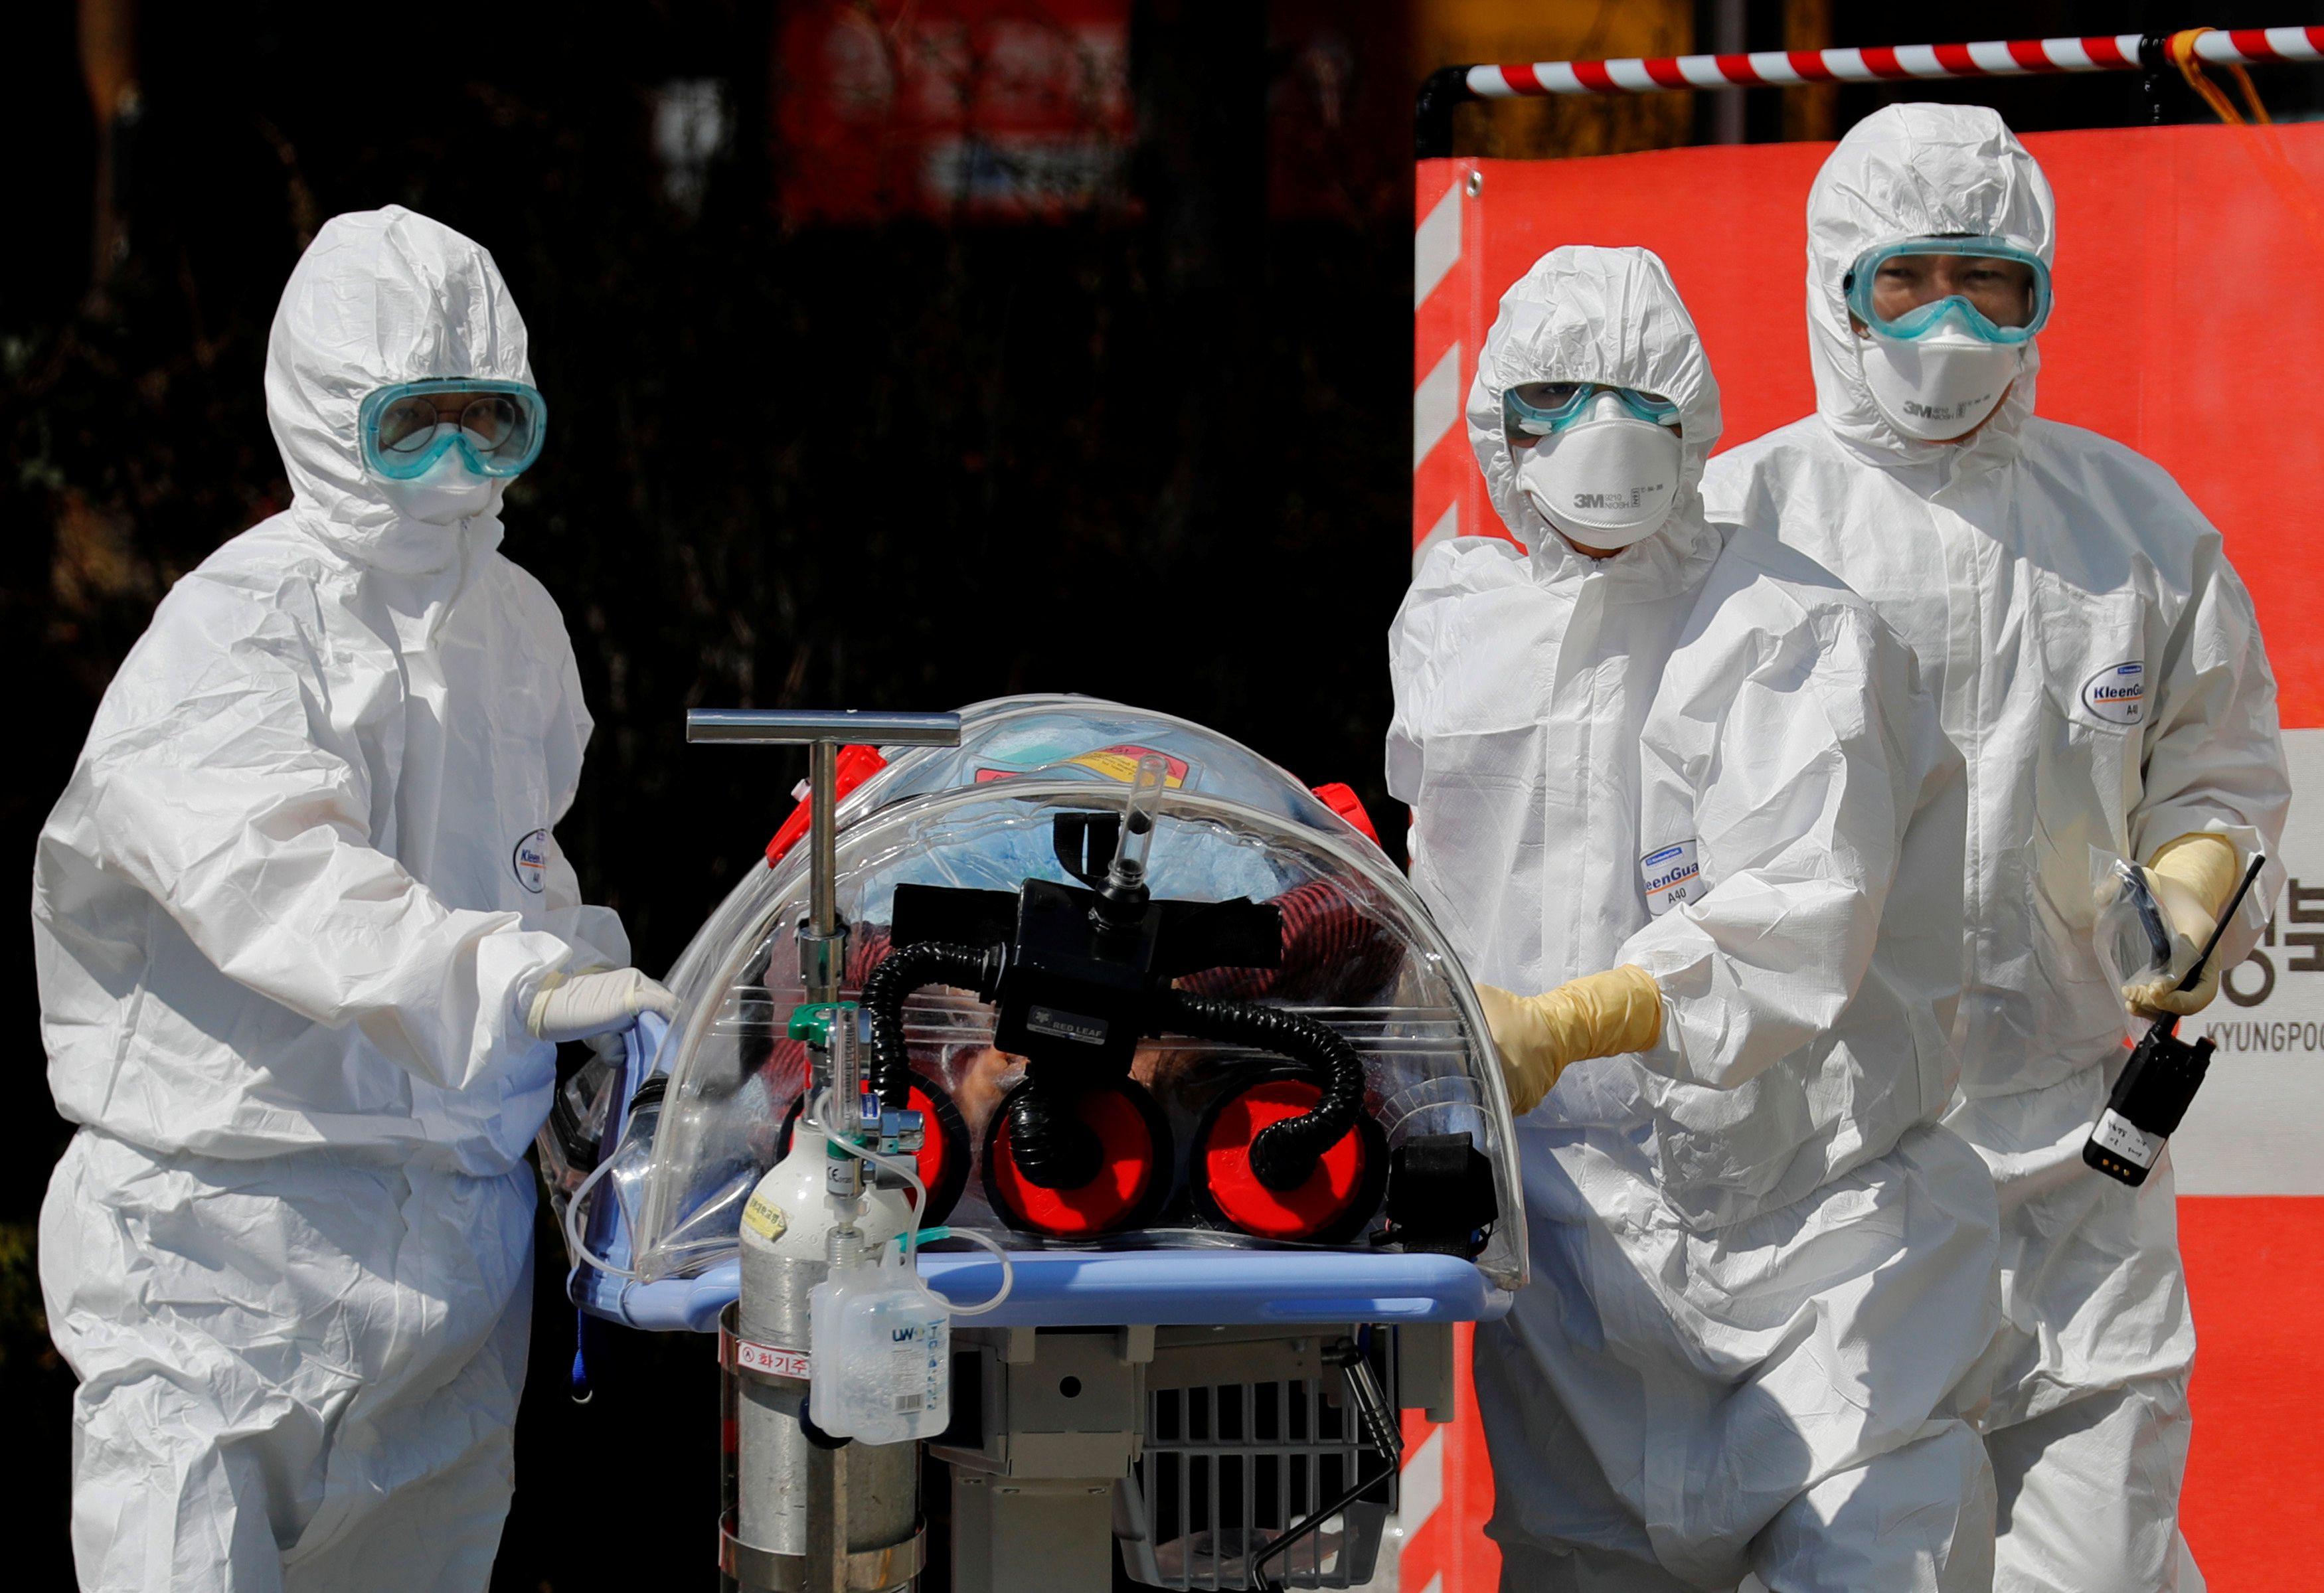 Trabajadores médicos llevan a un paciente en una camilla de aislamiento de presión negativa a una instalación del Hospital Universitario Nacional de Kyungpook en Daegu, Corea del Sur, el 6 de marzo de 2020 (REUTERS/Kim Kyung-Hoon)